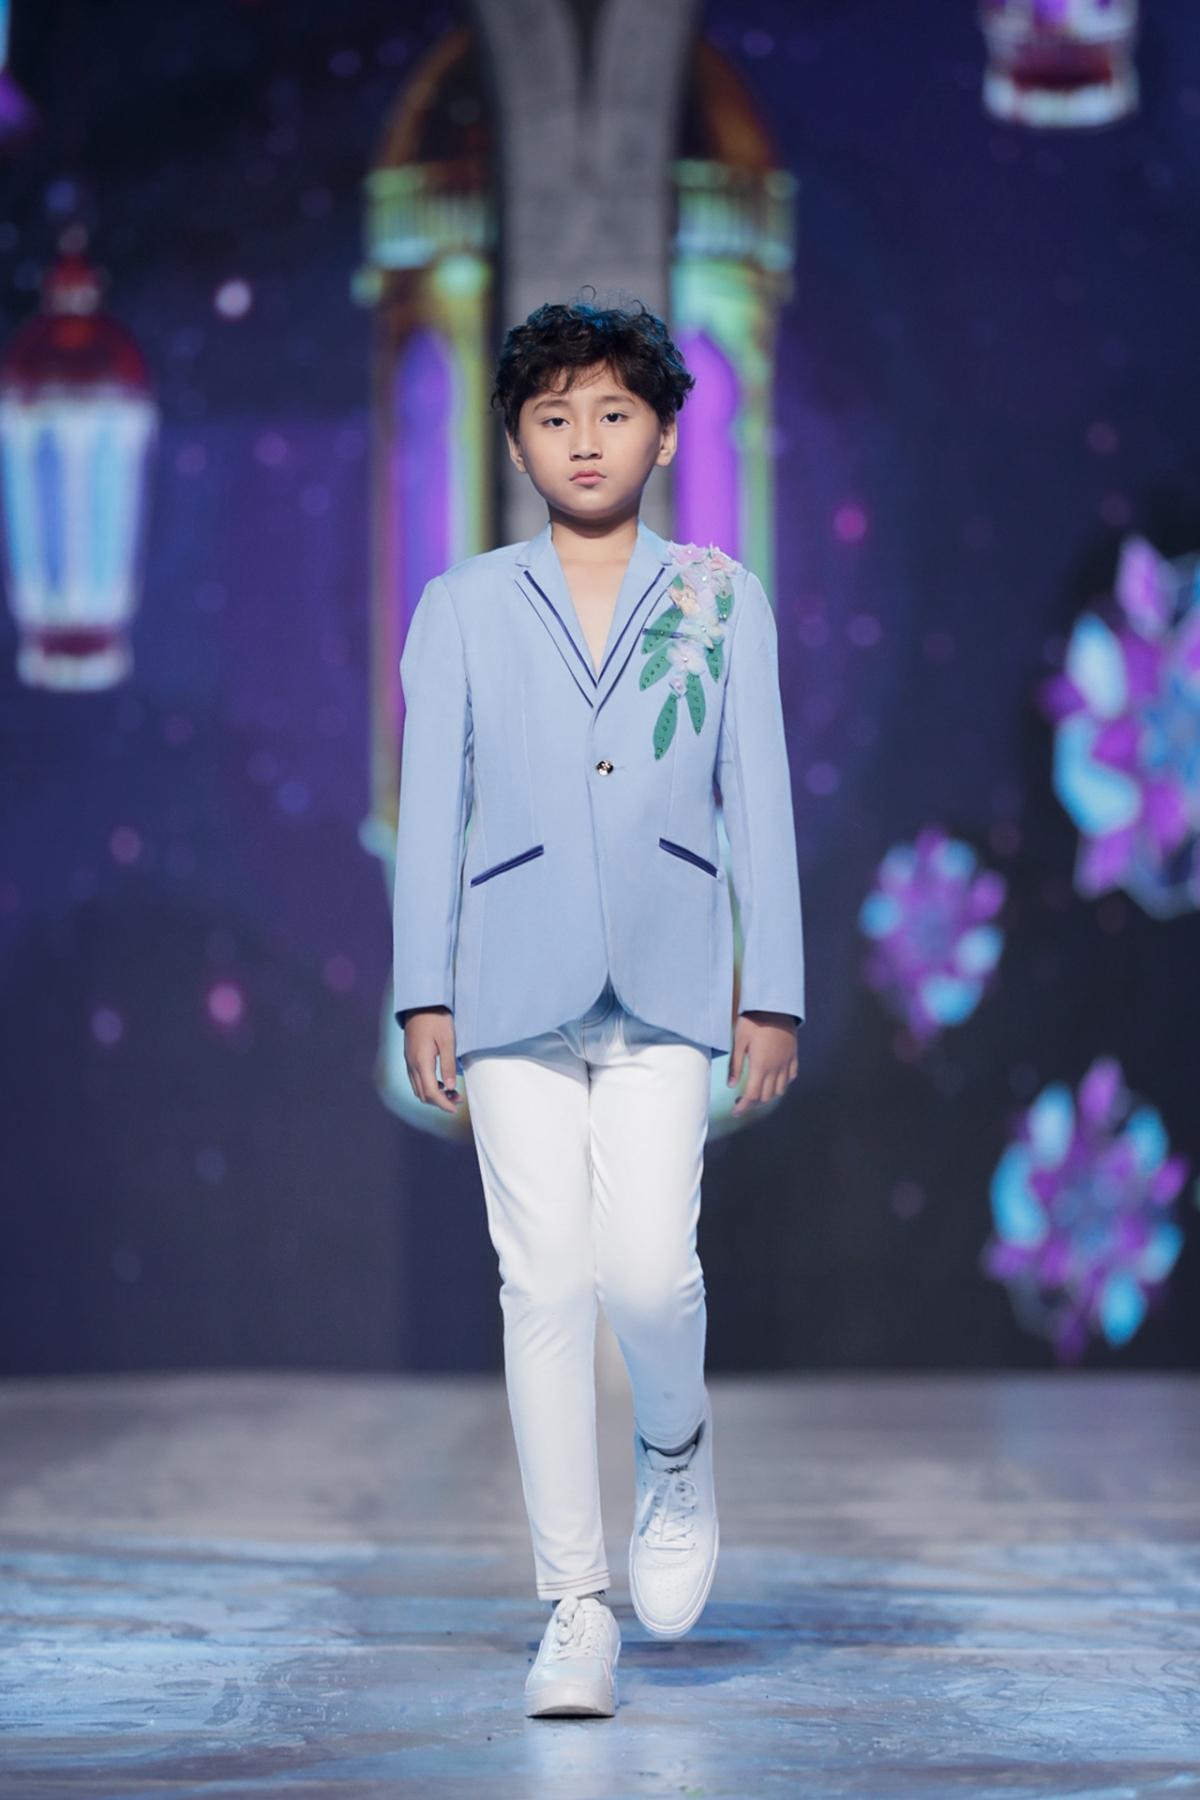 Mẫu nhí từng tham gia show thời trang của NTK Đỗ Mạnh Cường vào tháng 10/2020, góp mặt vào Vietnam Runway Fashion Week trong BST của NTK Trương Thanh Long.